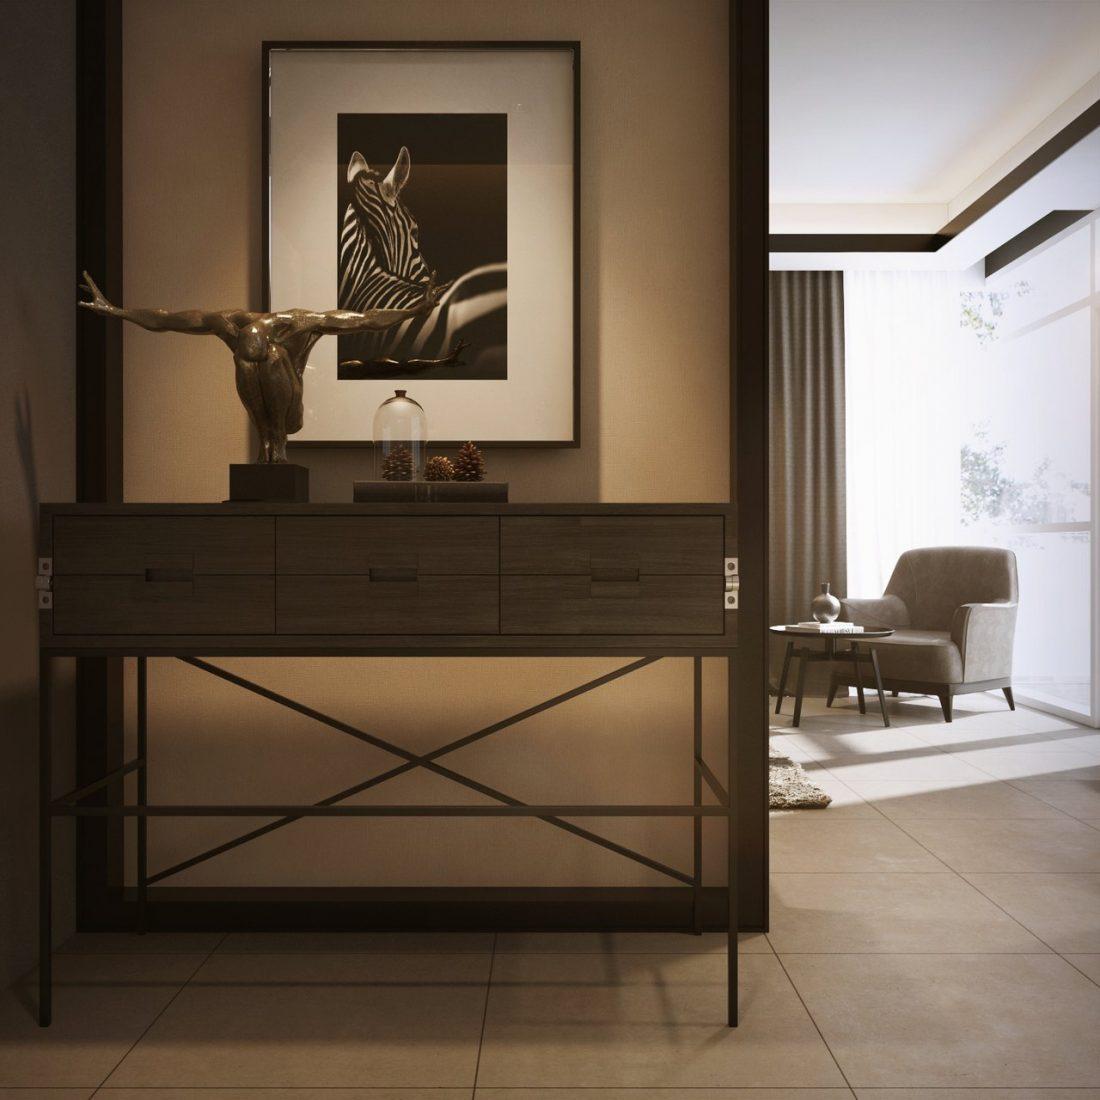 Interior Design SA65 Simpang Ampat Penang Malaysia Master Bedroom Design v1